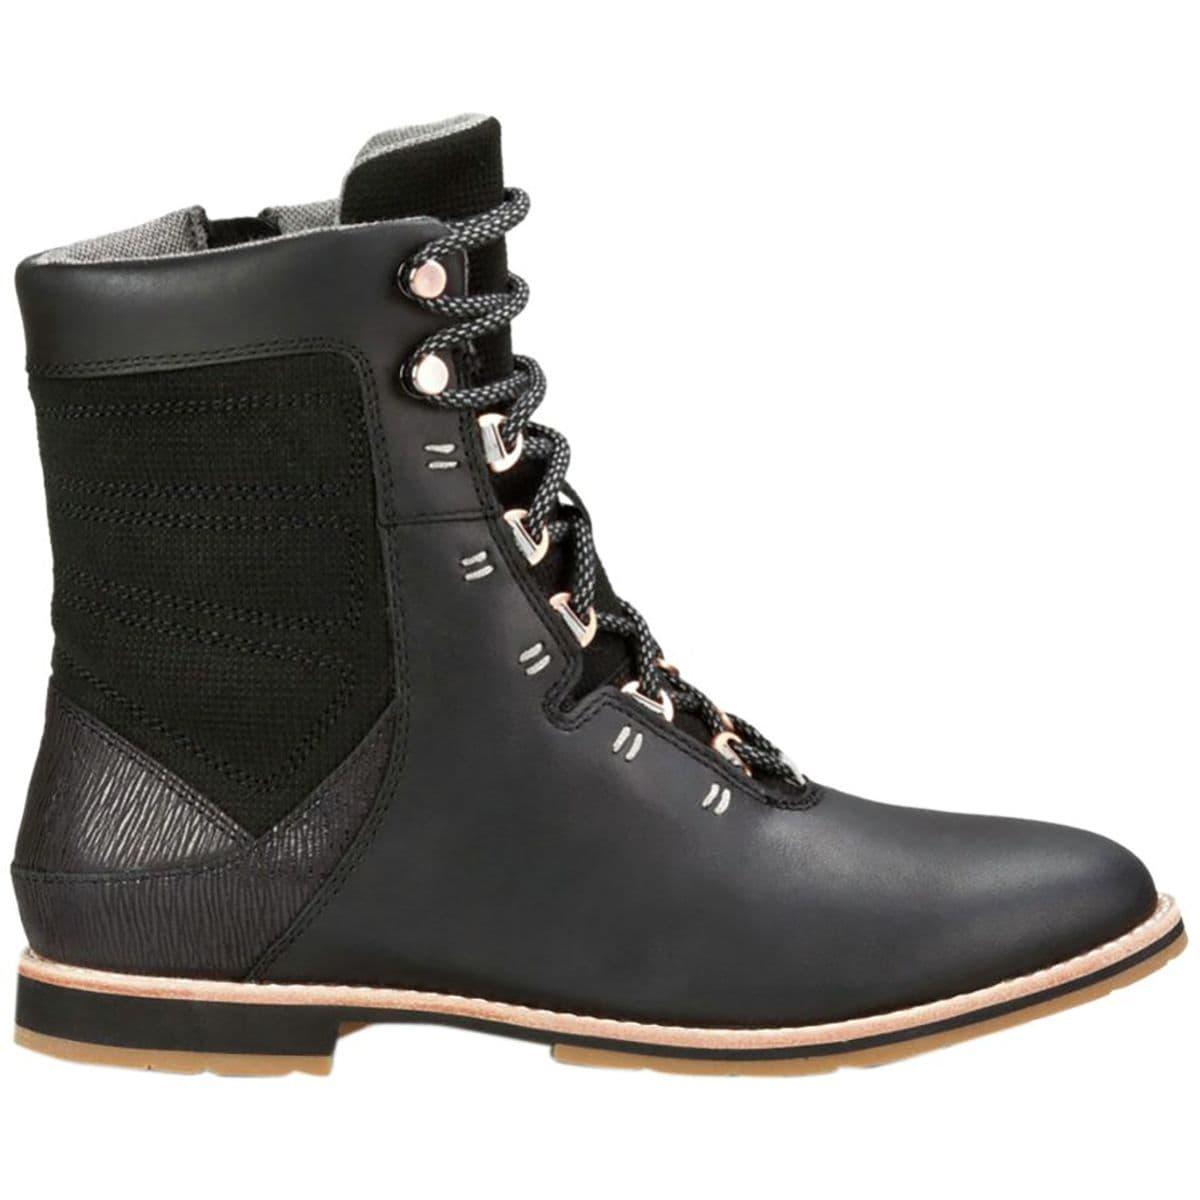 Ahnu Chenery Boot - Women's